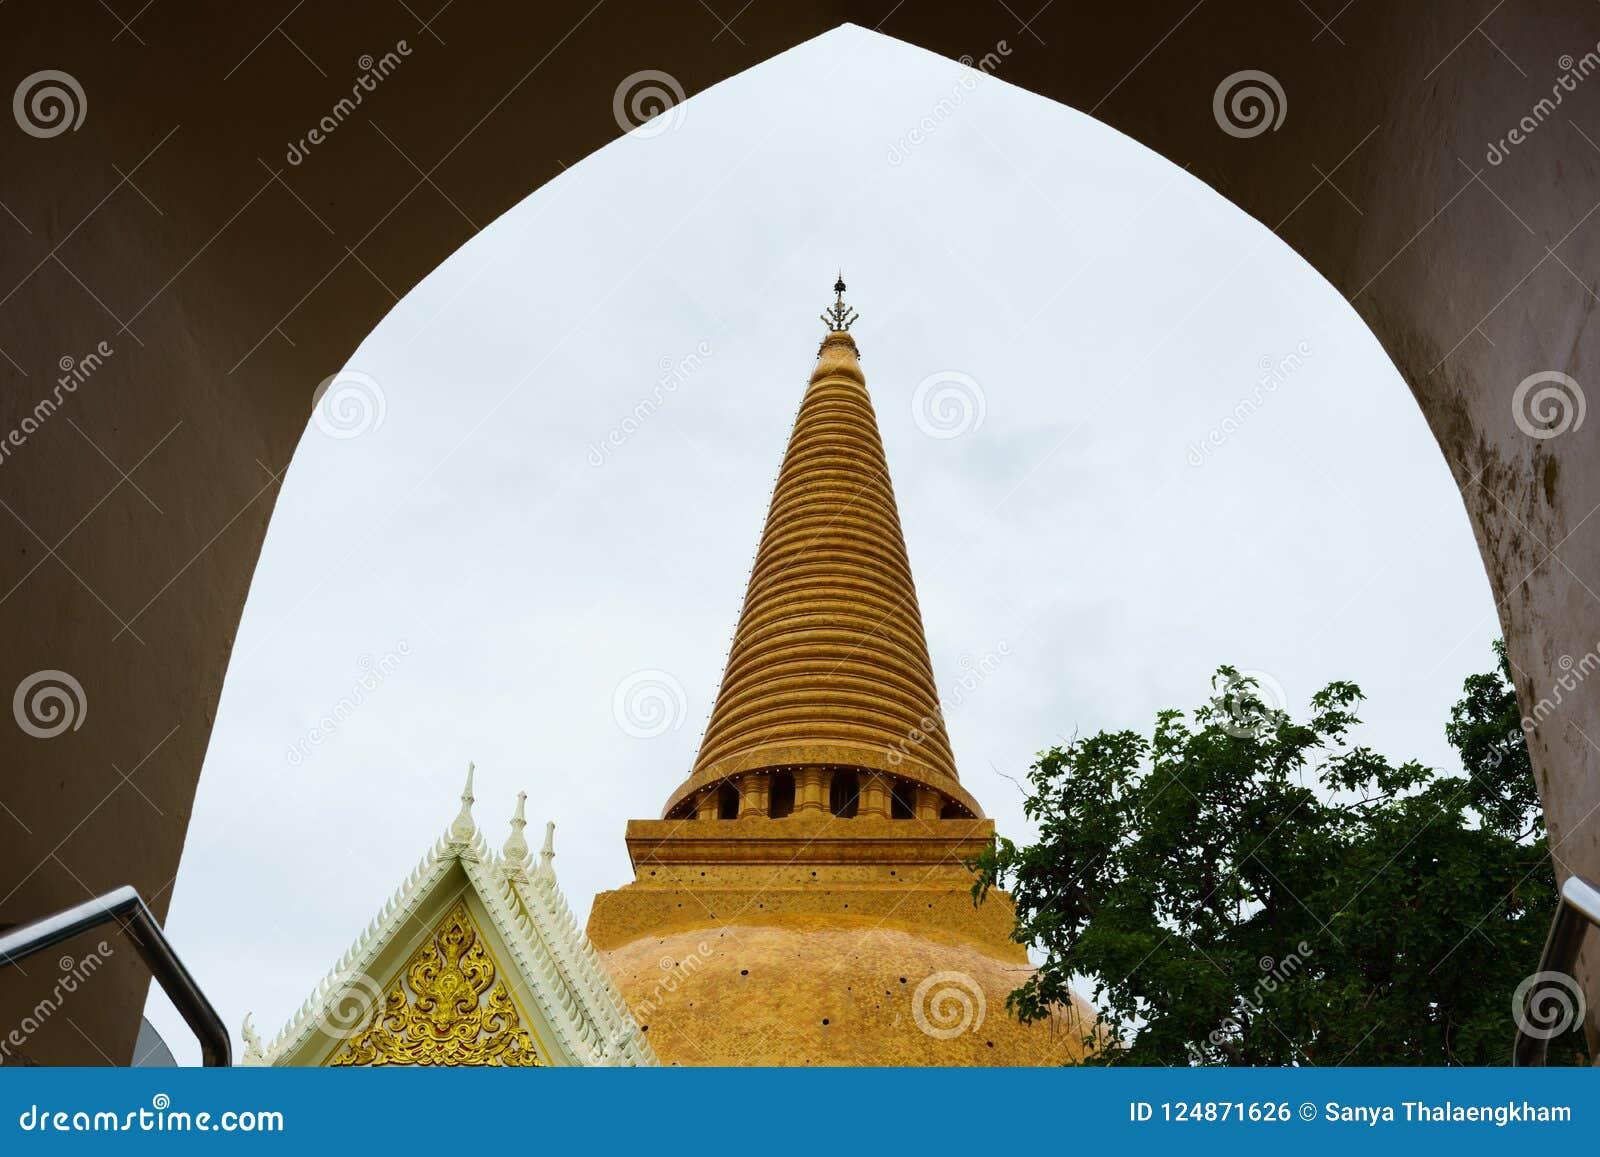 Phra Pathom Chedi stor pagod, Nakhon Pathom landskap, Thailand